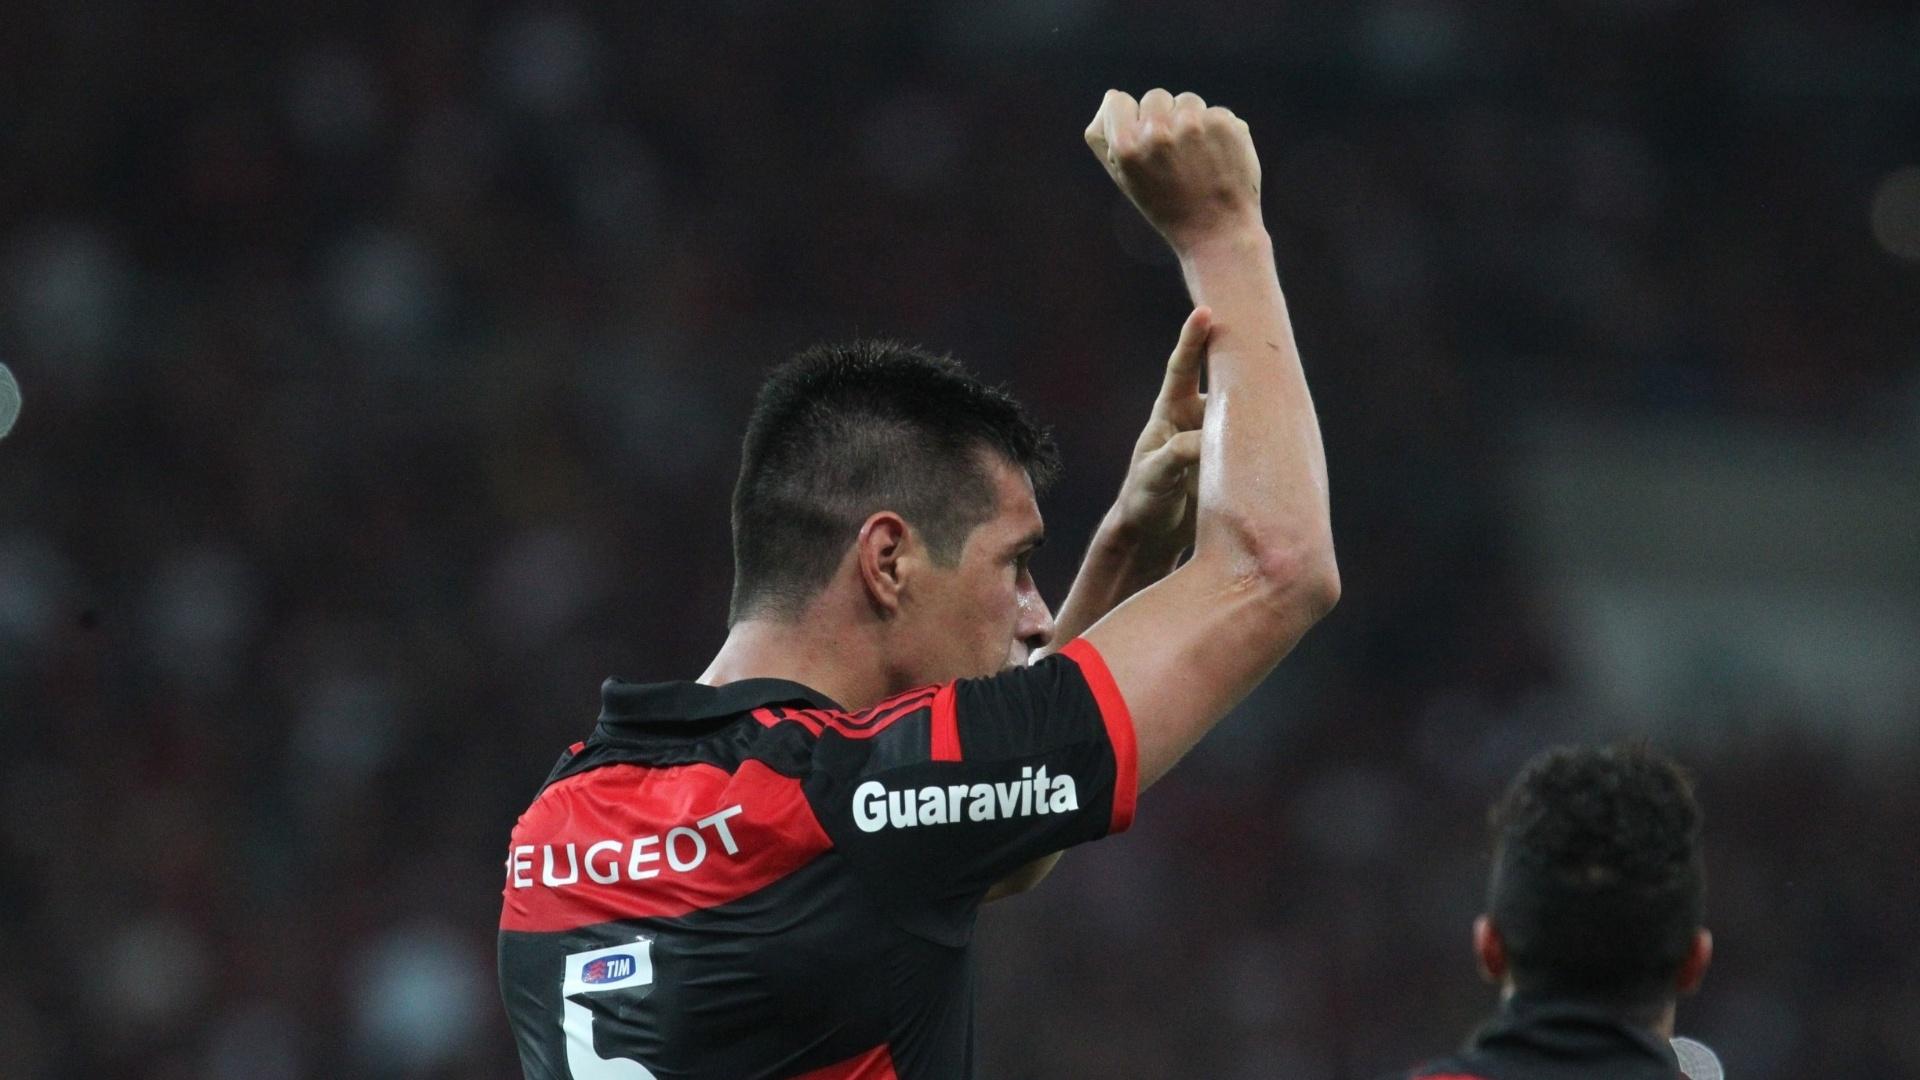 Cáceres comemora gol contra o Atlético-MG em jogo do Flamengo na Copa do Brasil